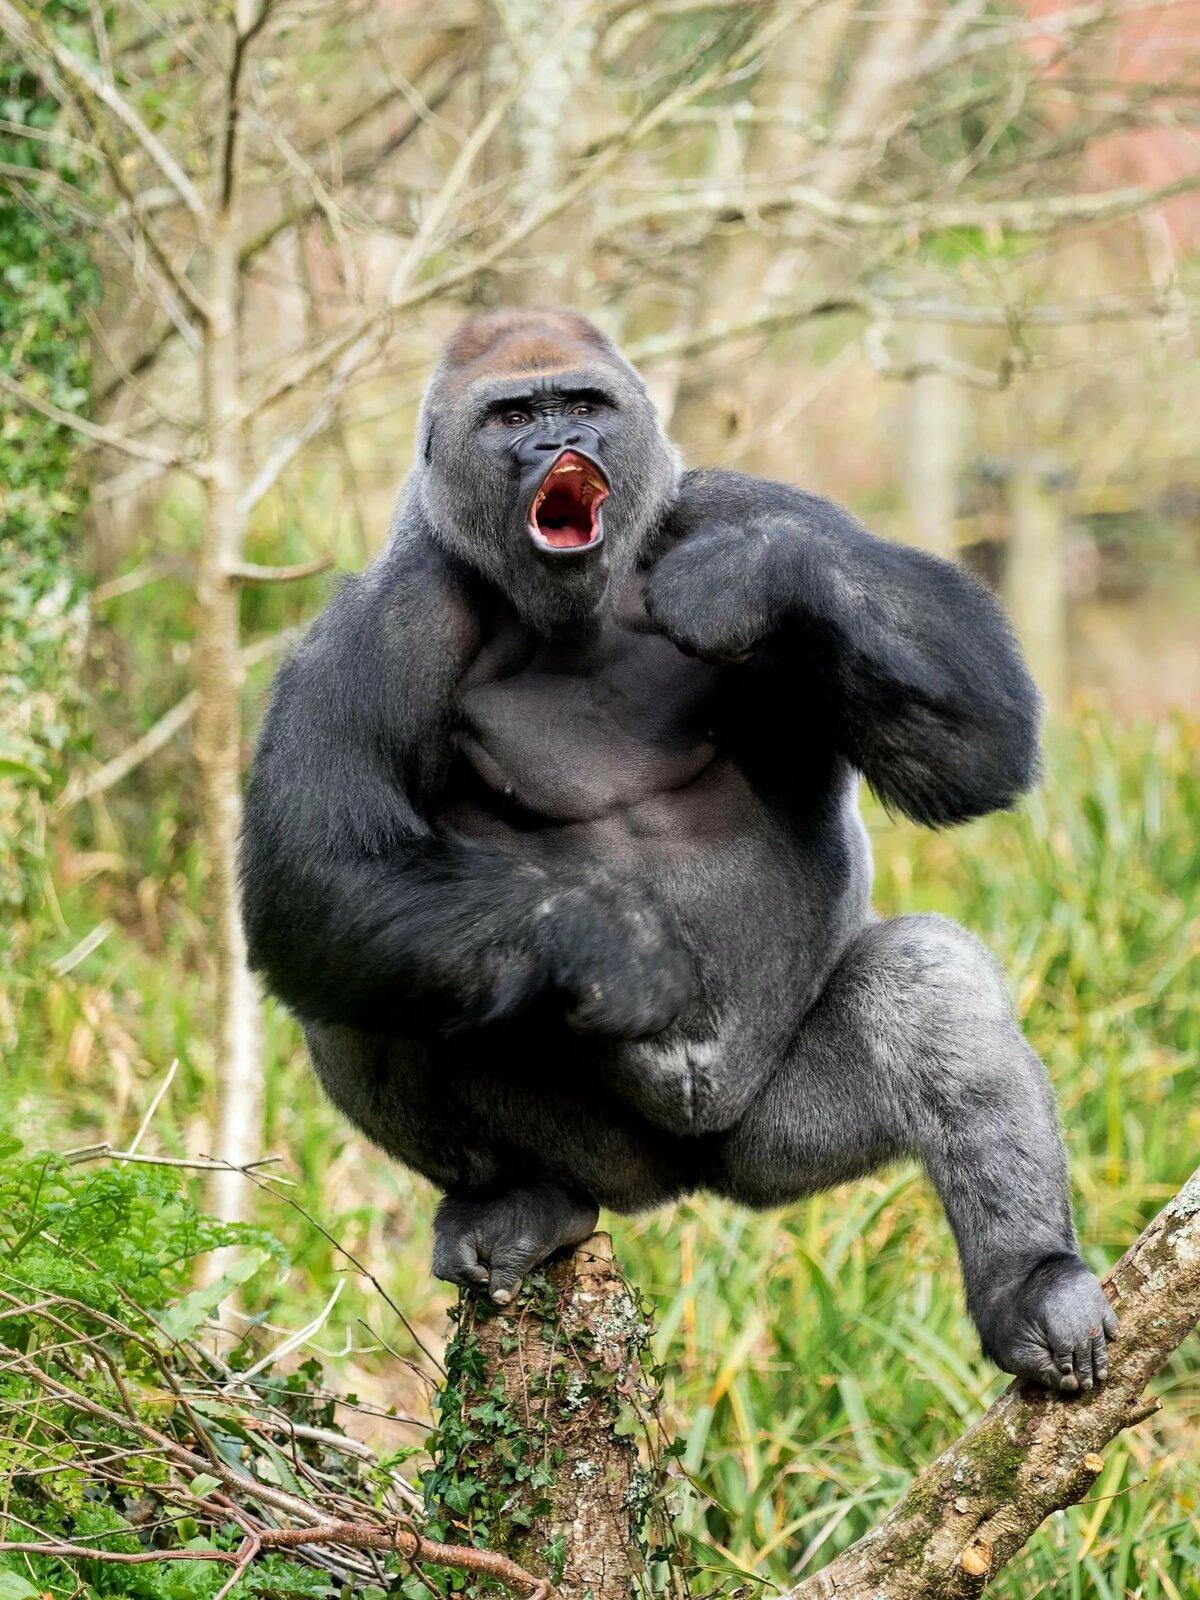 именно, картинки гориллы приколы можно все что